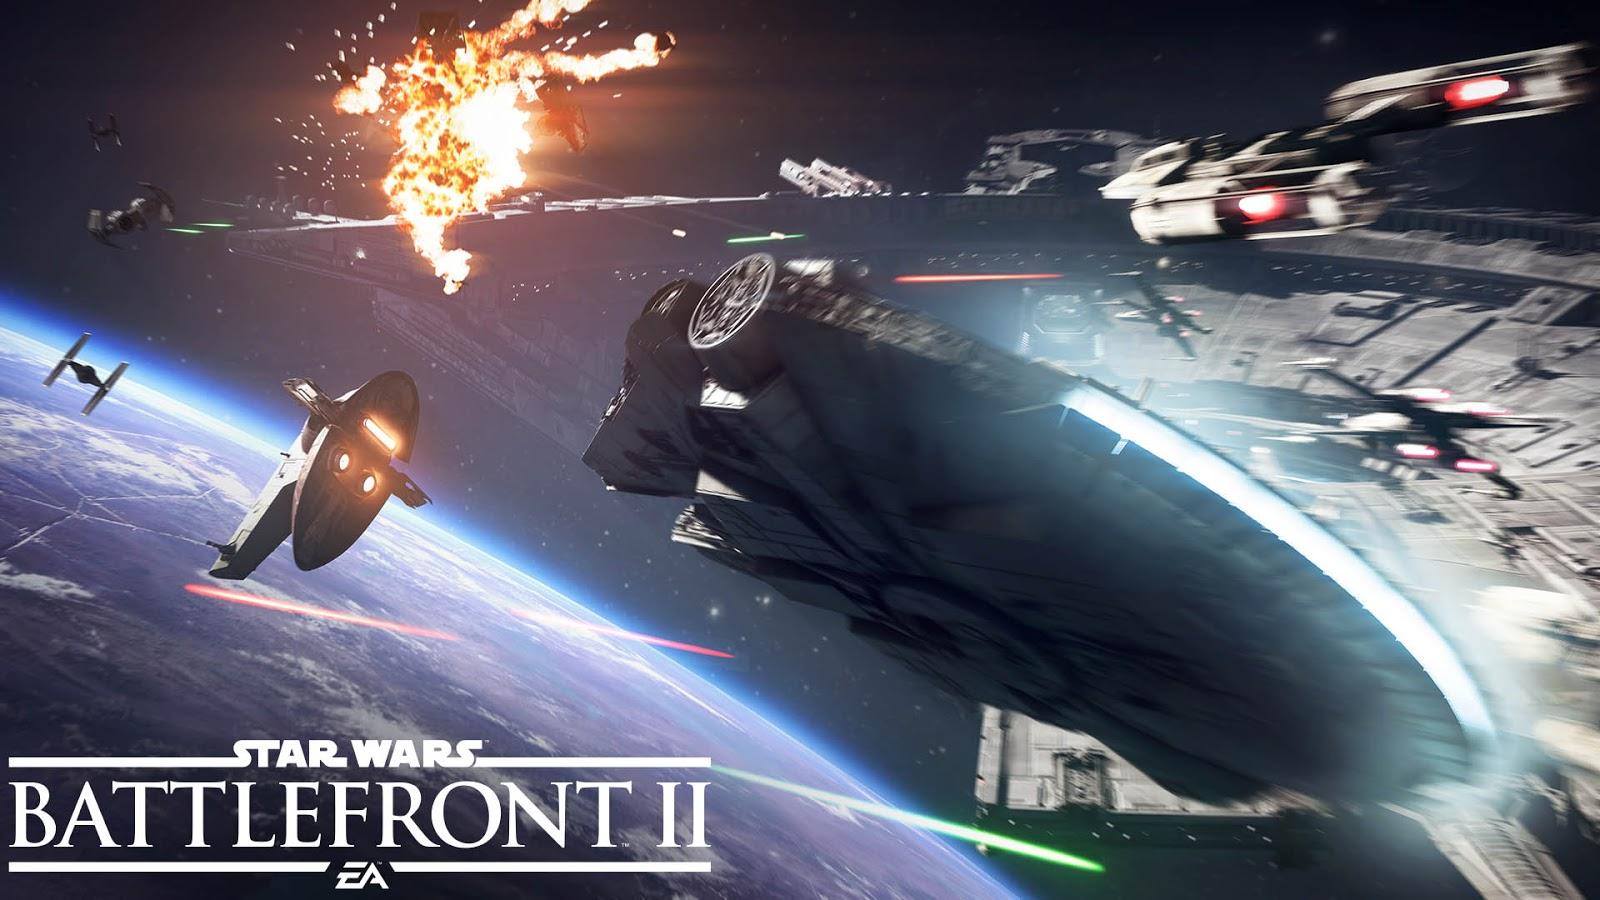 Star Wars Battlefront II deslumbra con su modo espacial, Asalto de Cazas Estelares